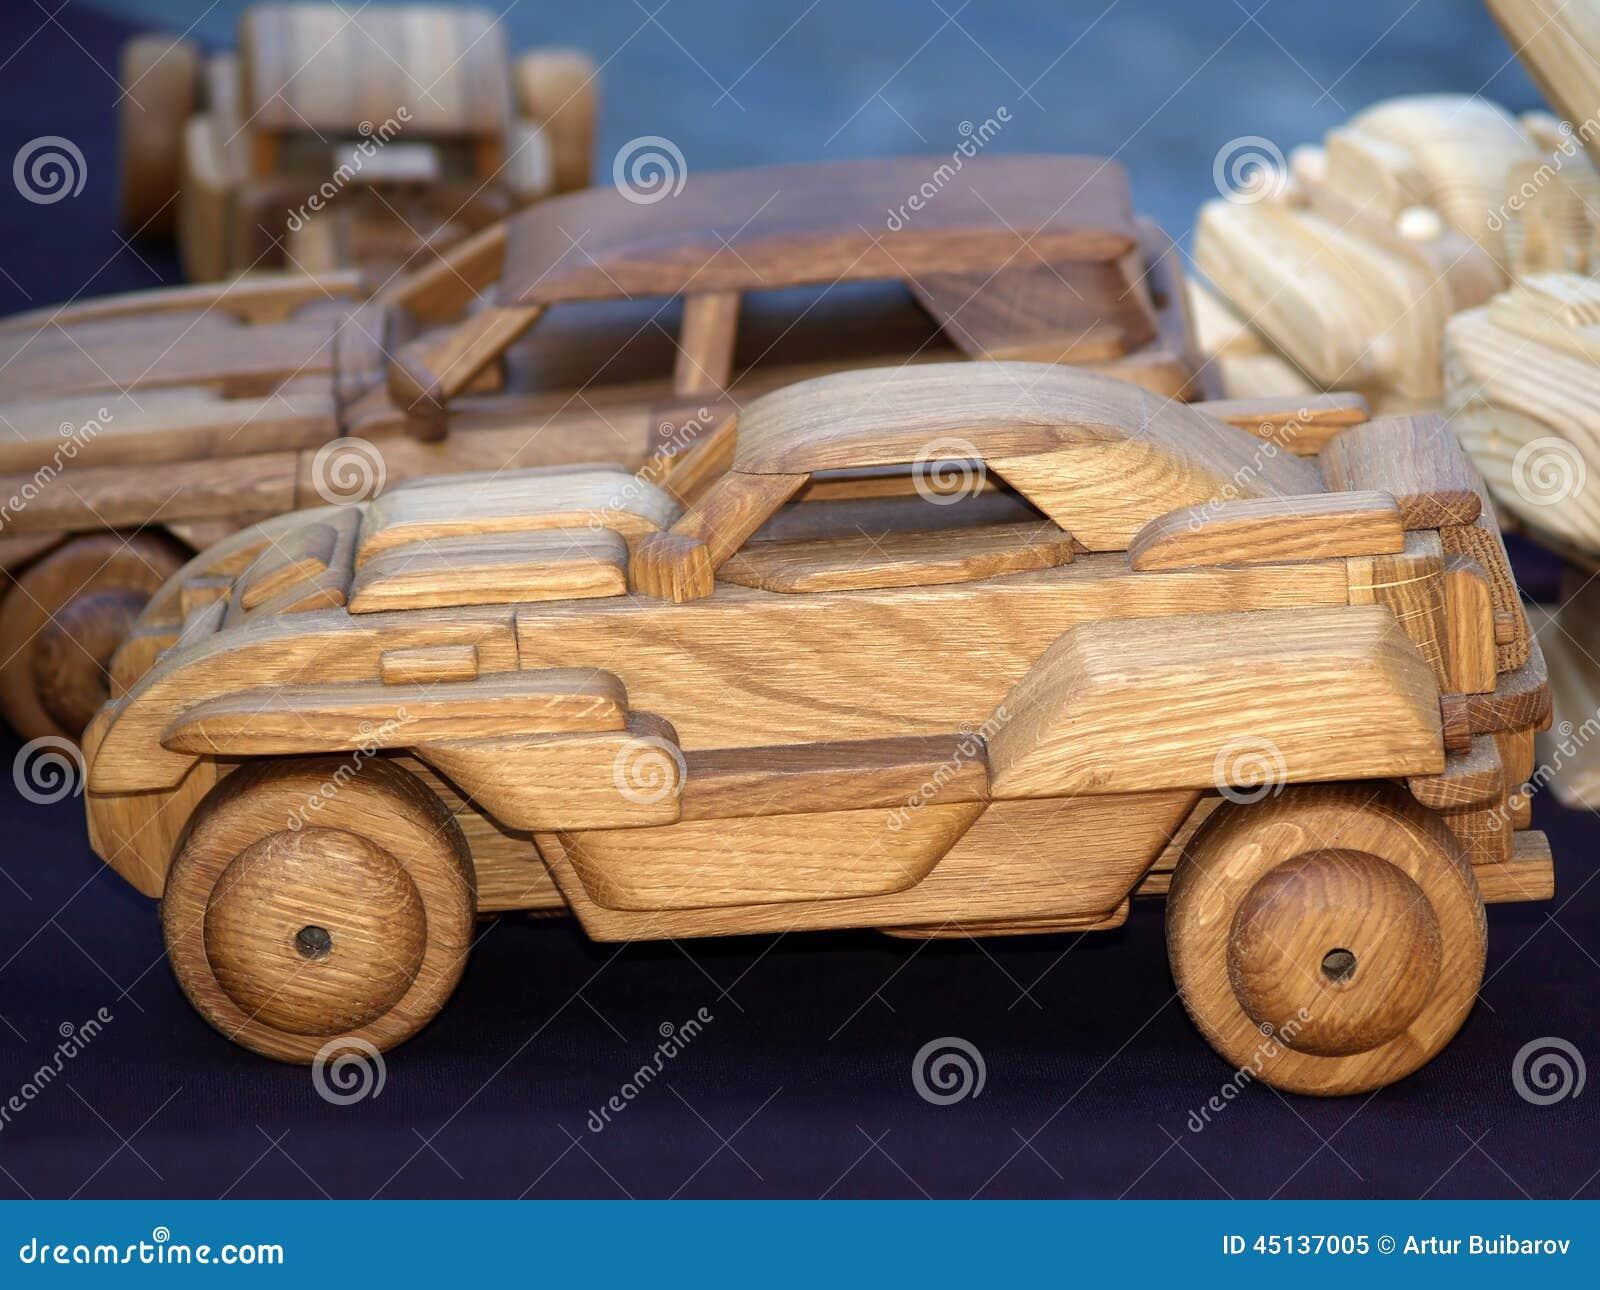 jouet en bois fait main de voiture photo stock image 45137005. Black Bedroom Furniture Sets. Home Design Ideas